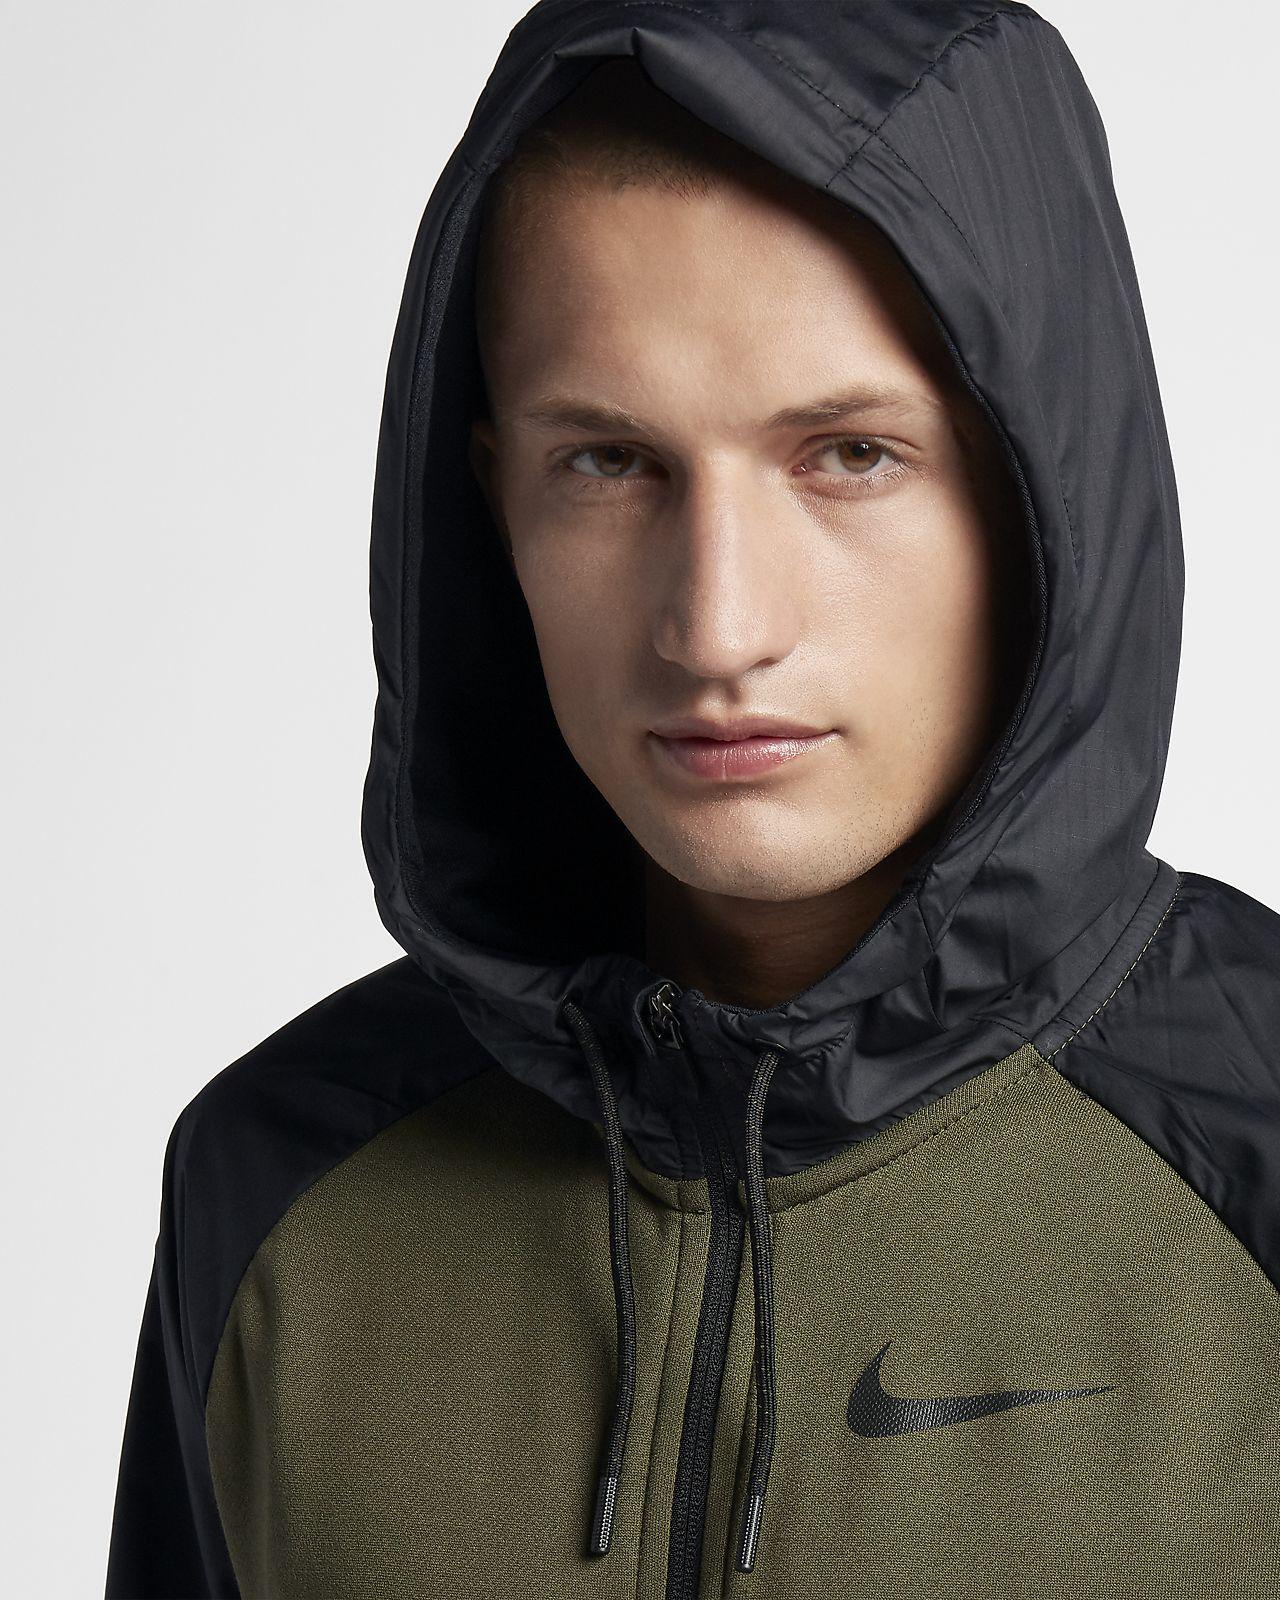 Capucha Hombre Completa Sudadera Fit De Con Utility Nike Dri Entrenamiento Cremallera Nn8wvm0O